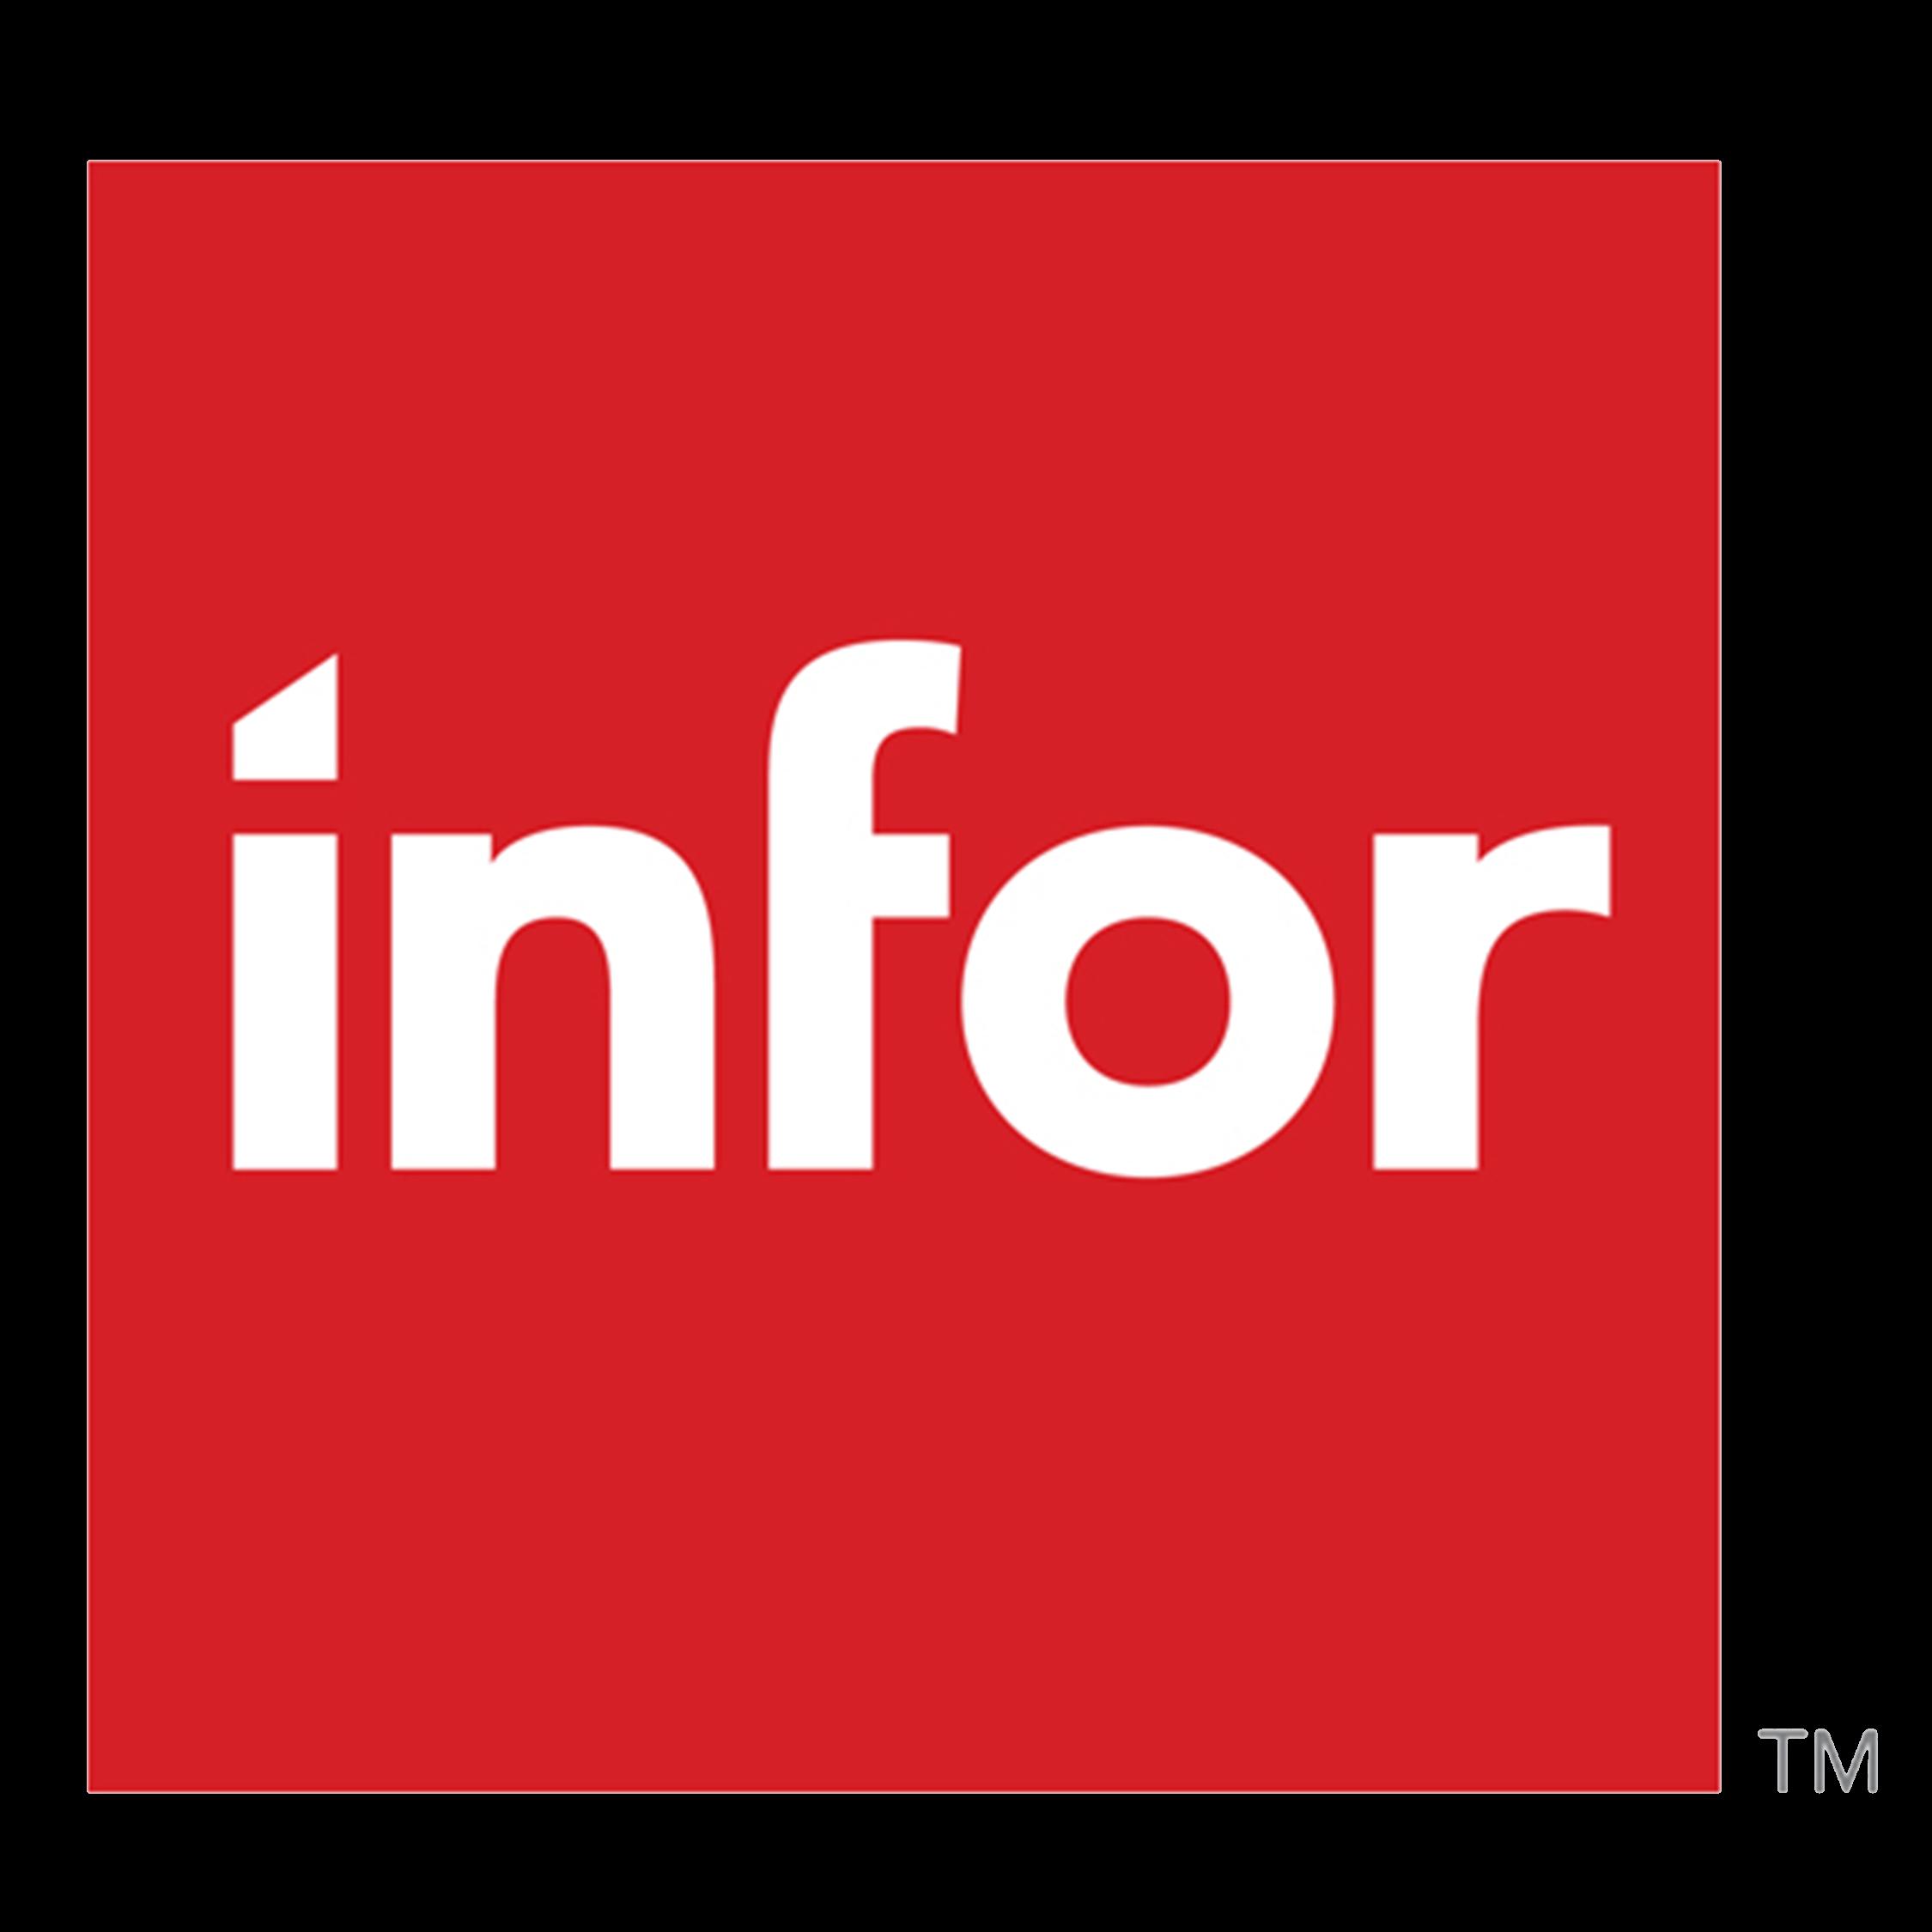 Infor LN logo